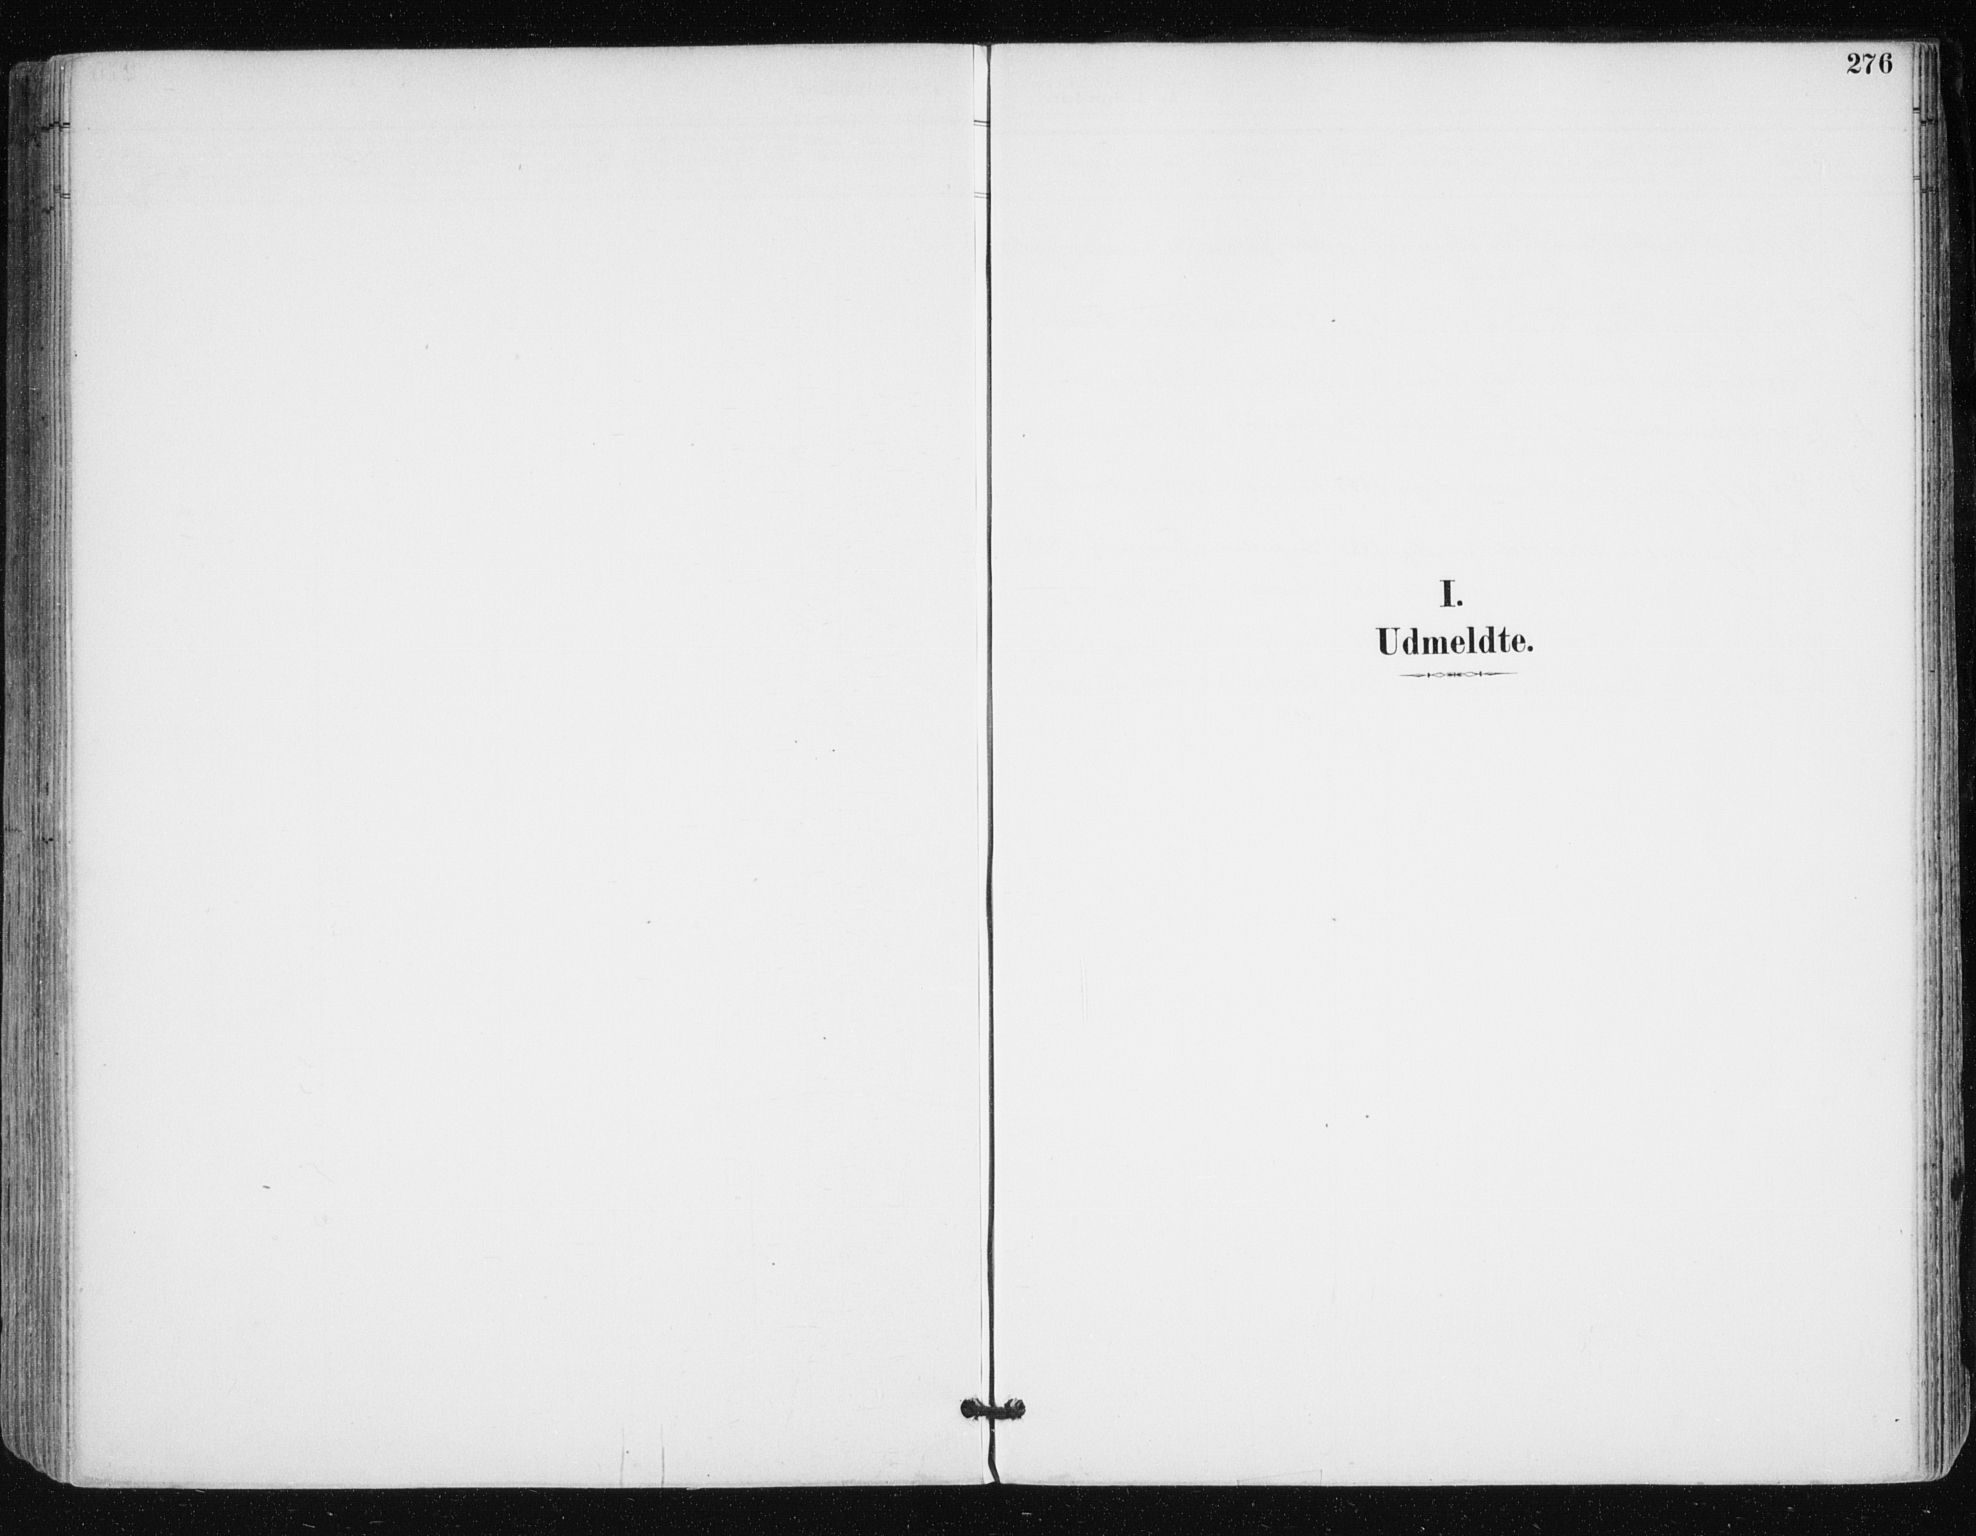 SATØ, Tana sokneprestkontor, H/Ha/L0005kirke: Ministerialbok nr. 5, 1891-1903, s. 276